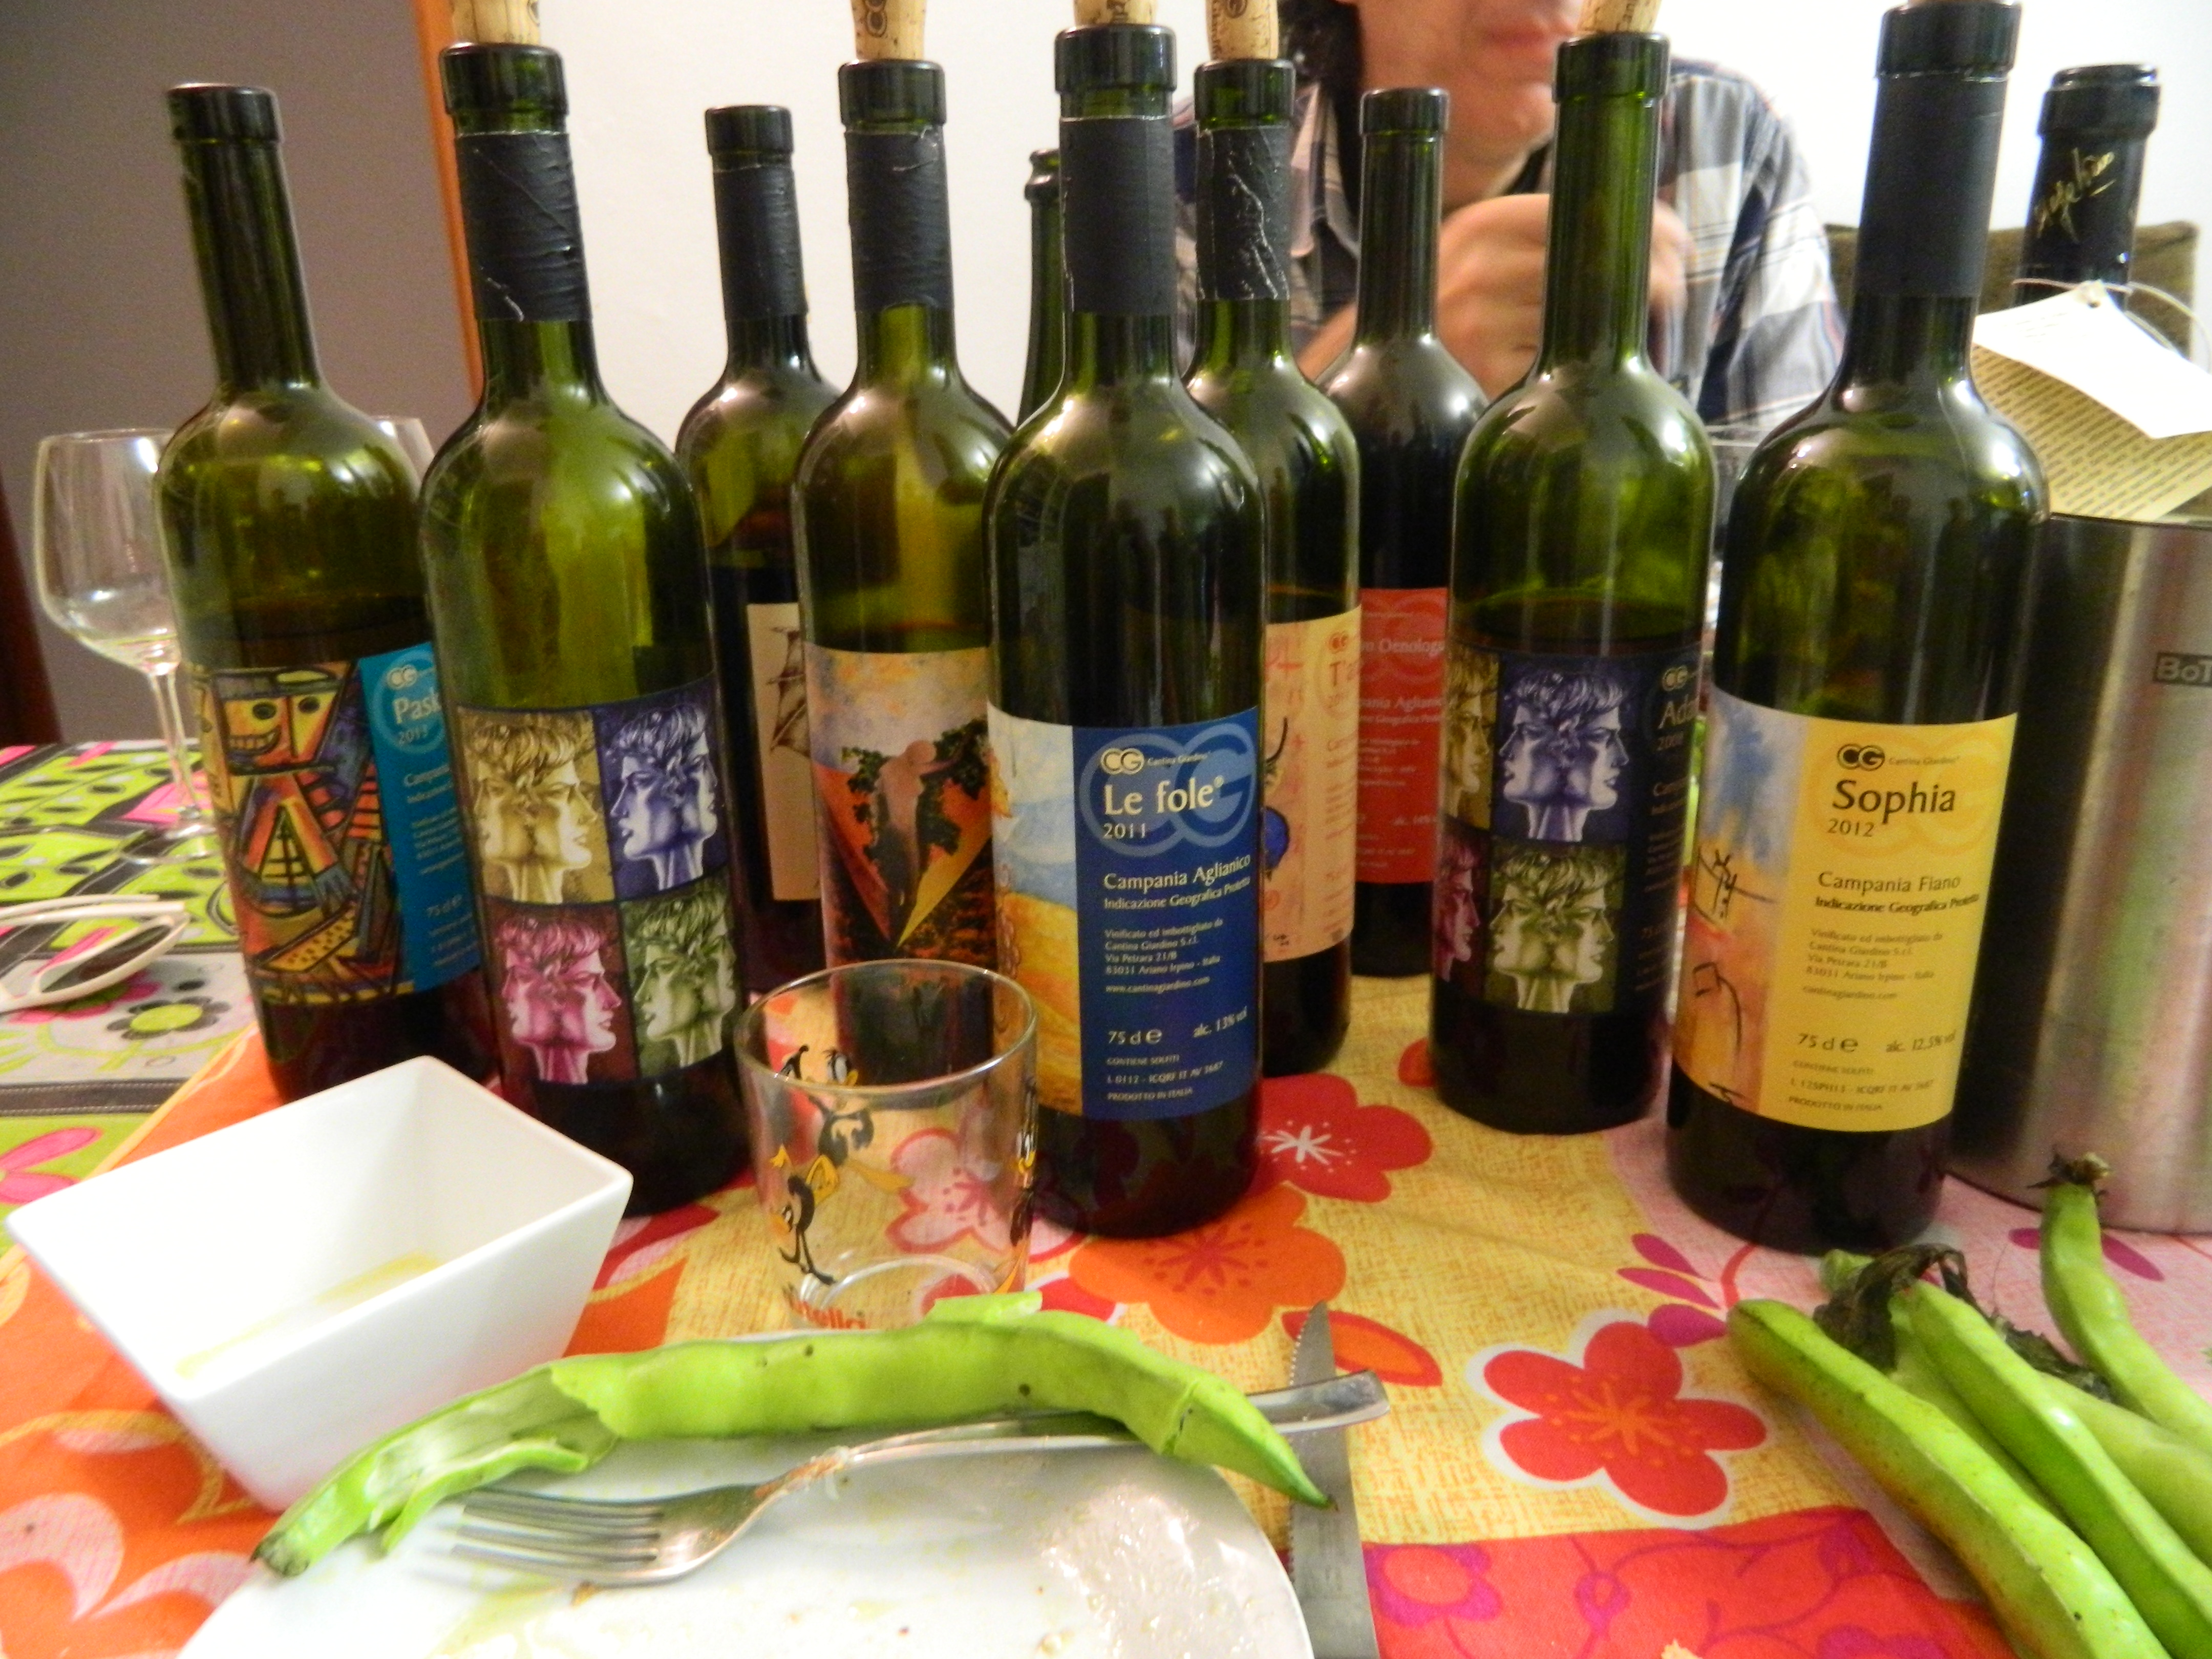 Scuola di Vino | Natural Italian Wine Importing Company in San ...